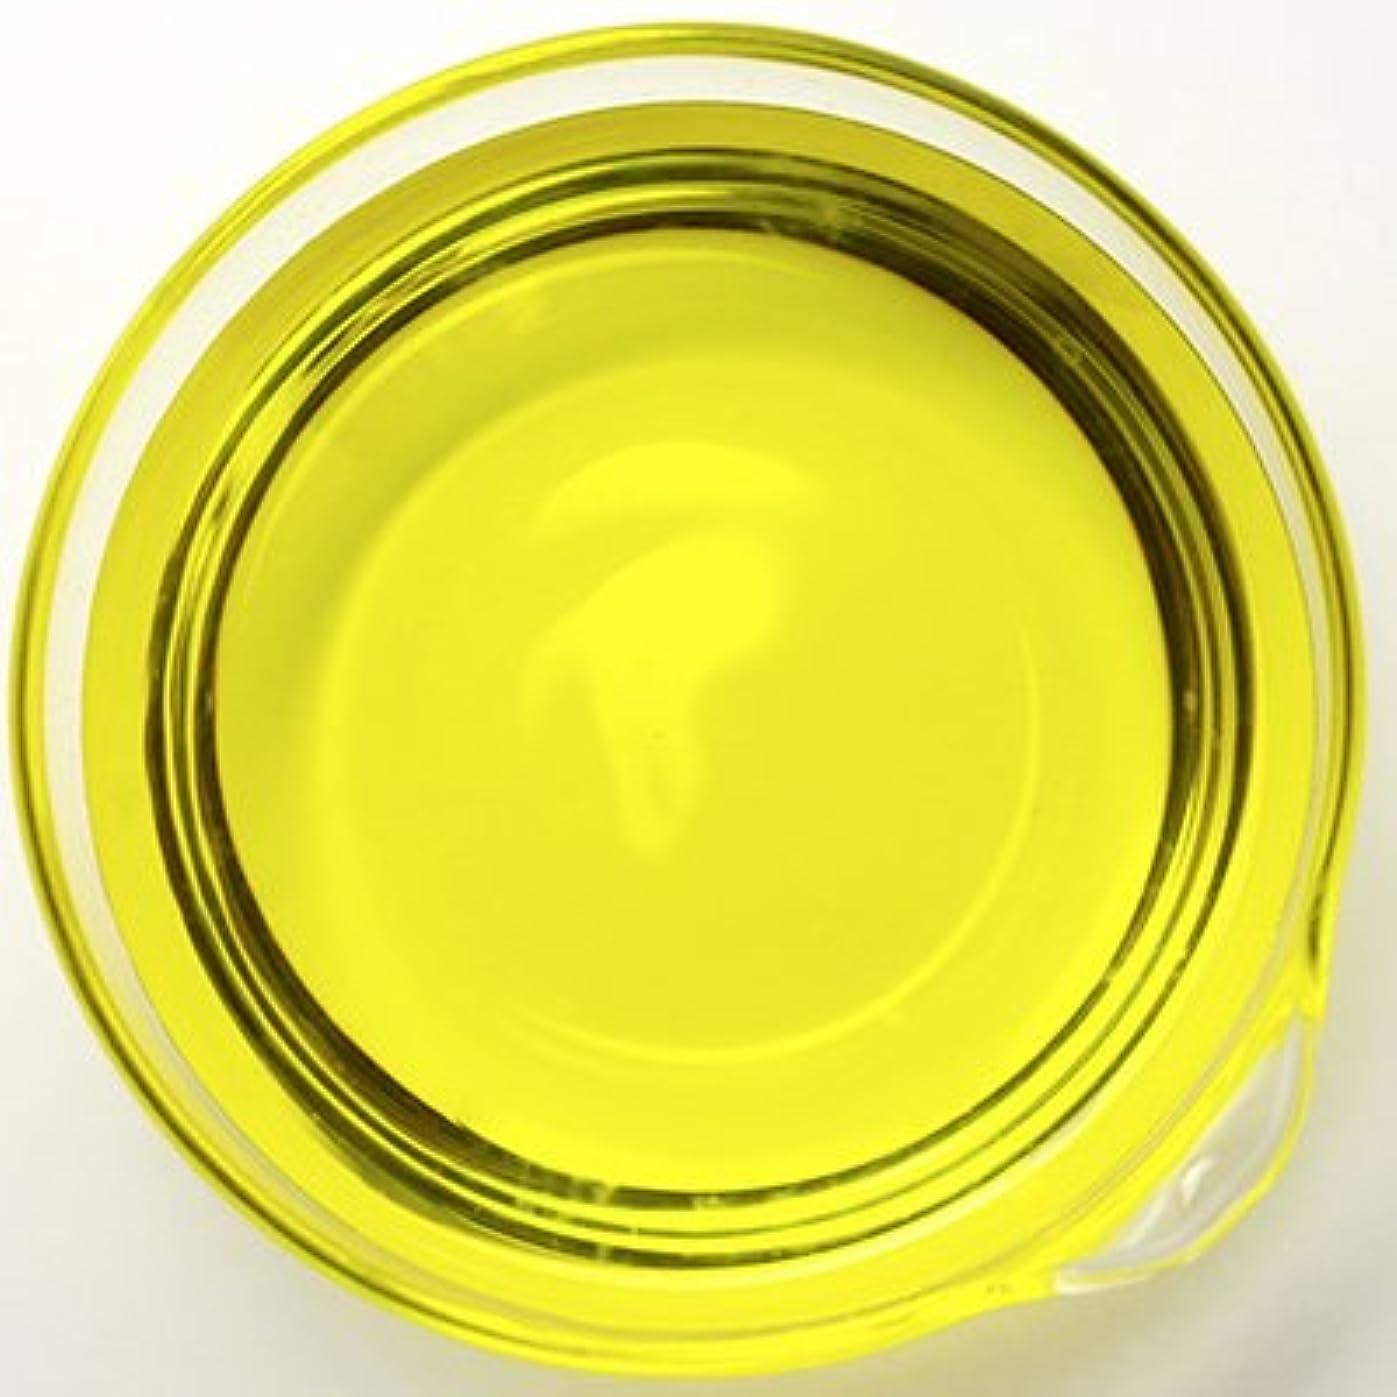 オーガニック ボリジオイル [ボラージオイル] 1L 【ルリヂシャ油/手作りコスメ/美容オイル/キャリアオイル/マッサージオイル】